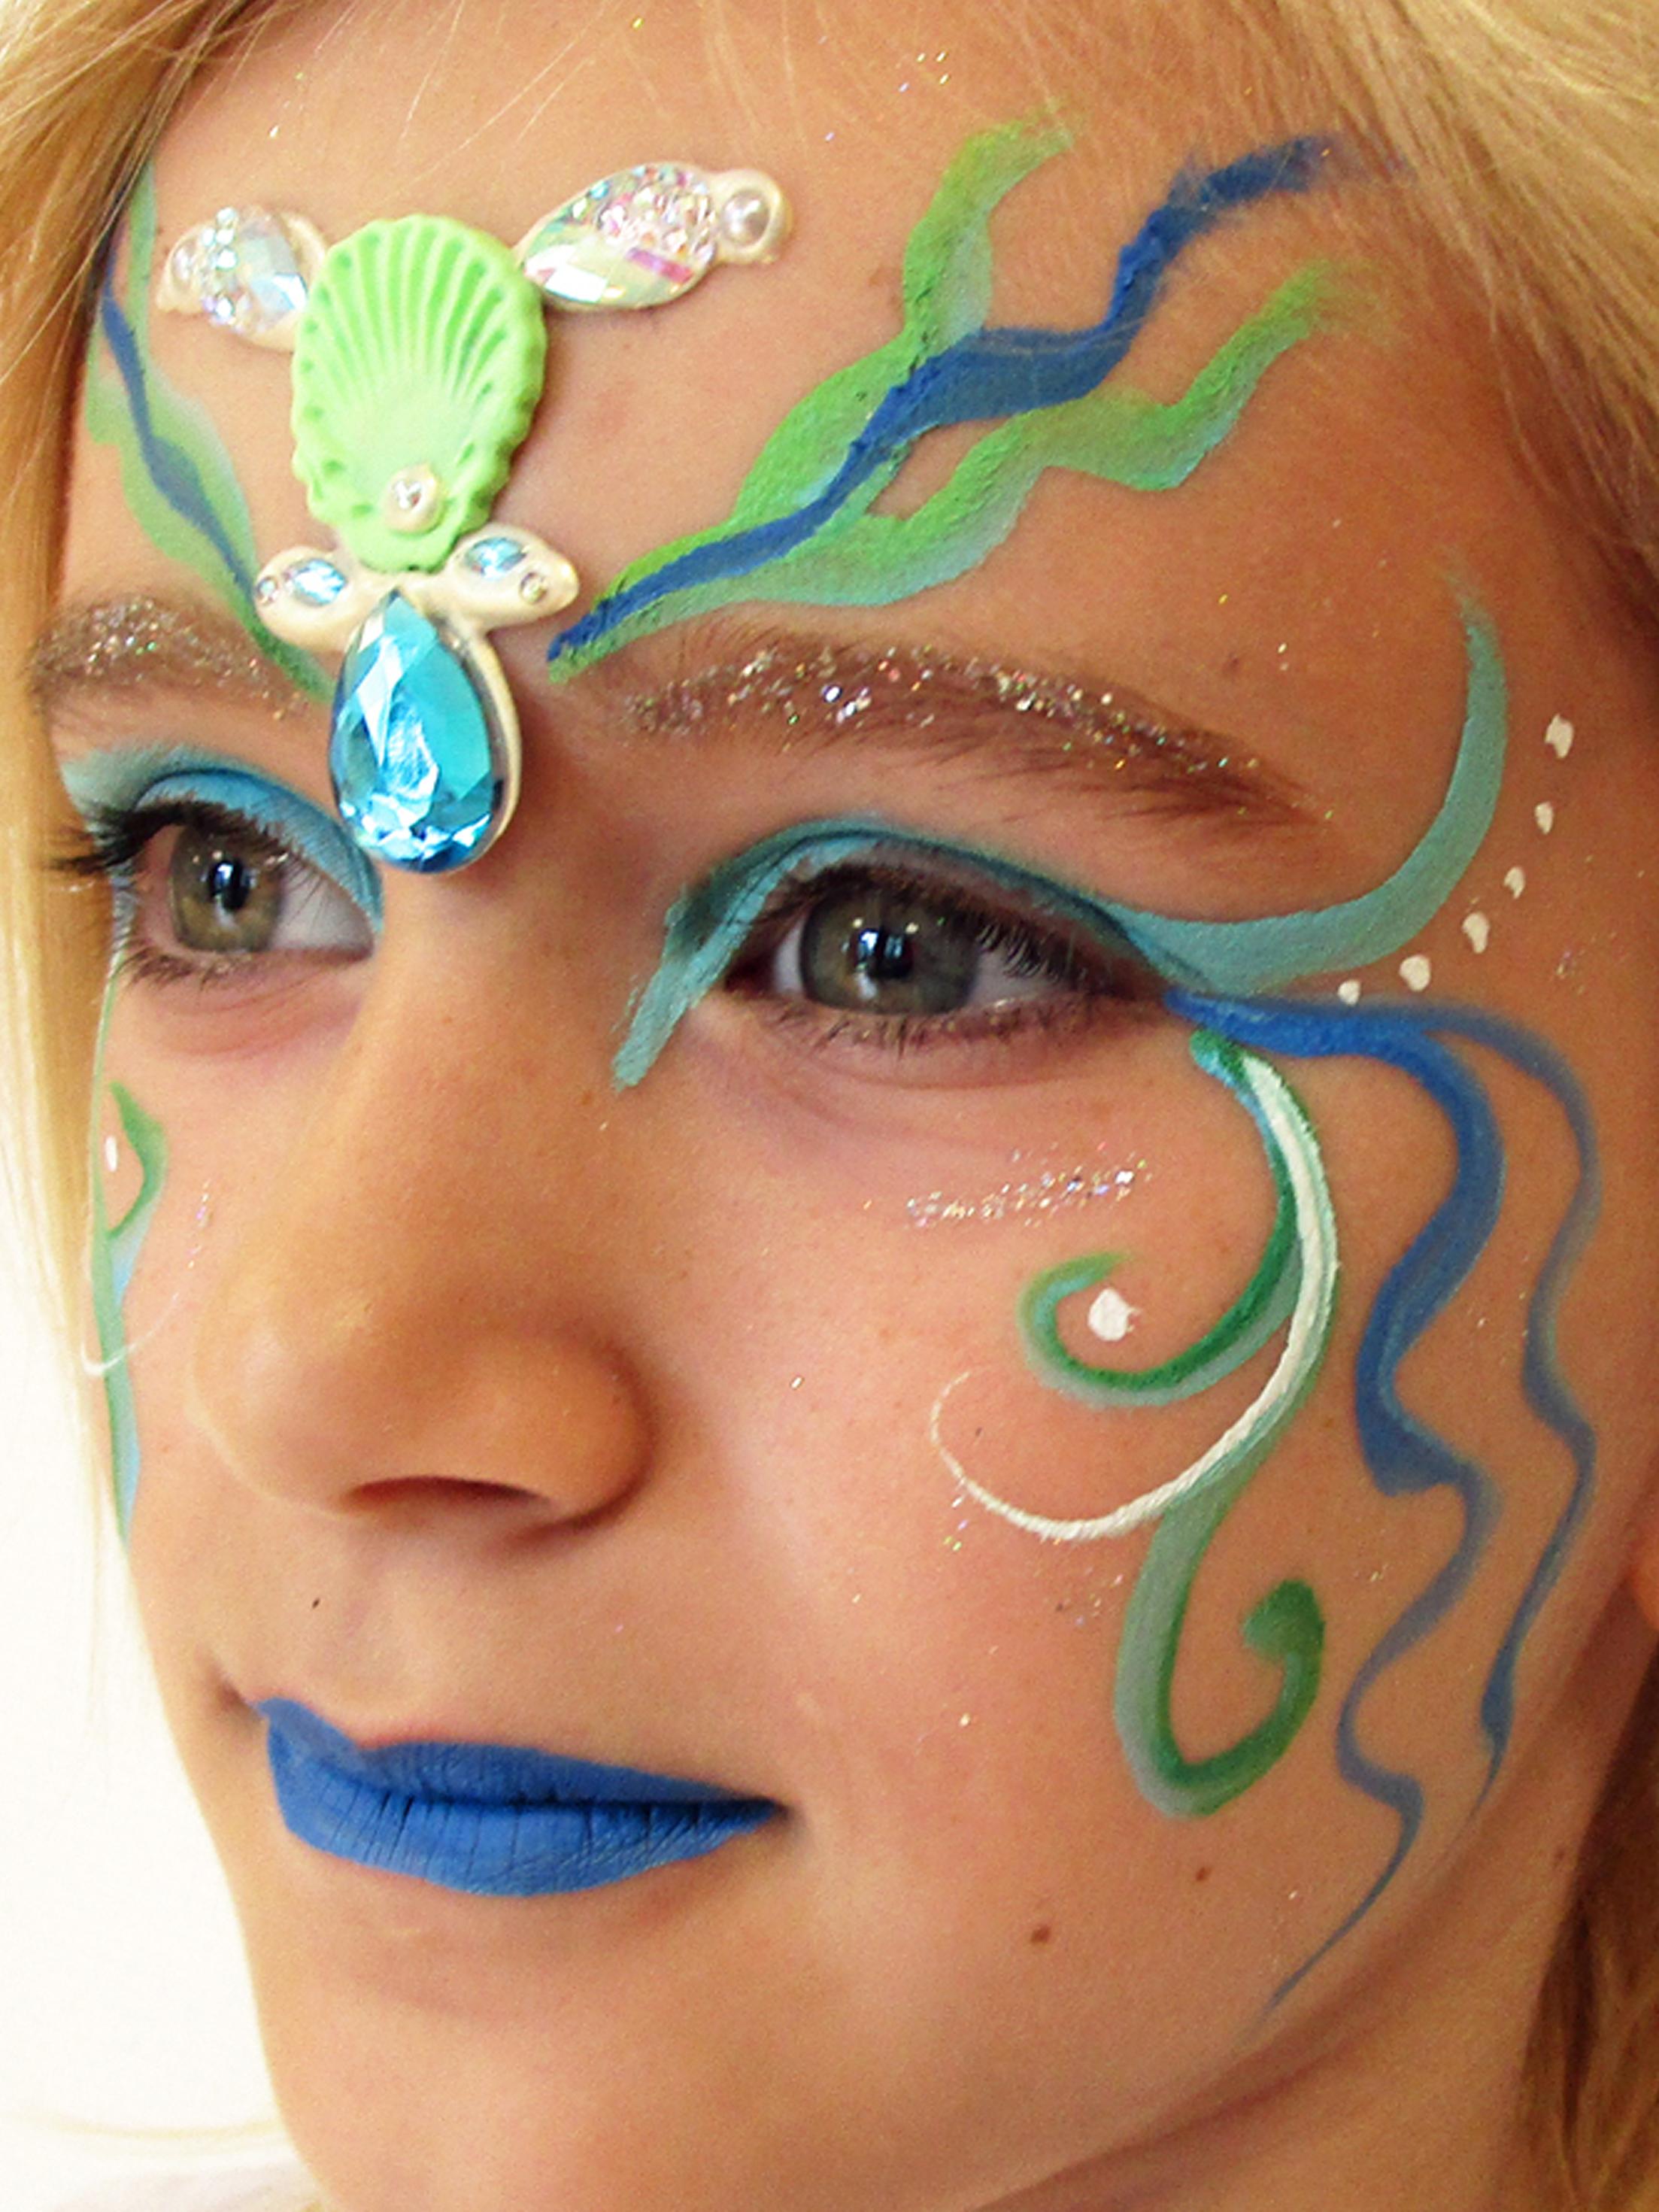 NR_Ansigtsmaling Face Paint Blikfang (7)